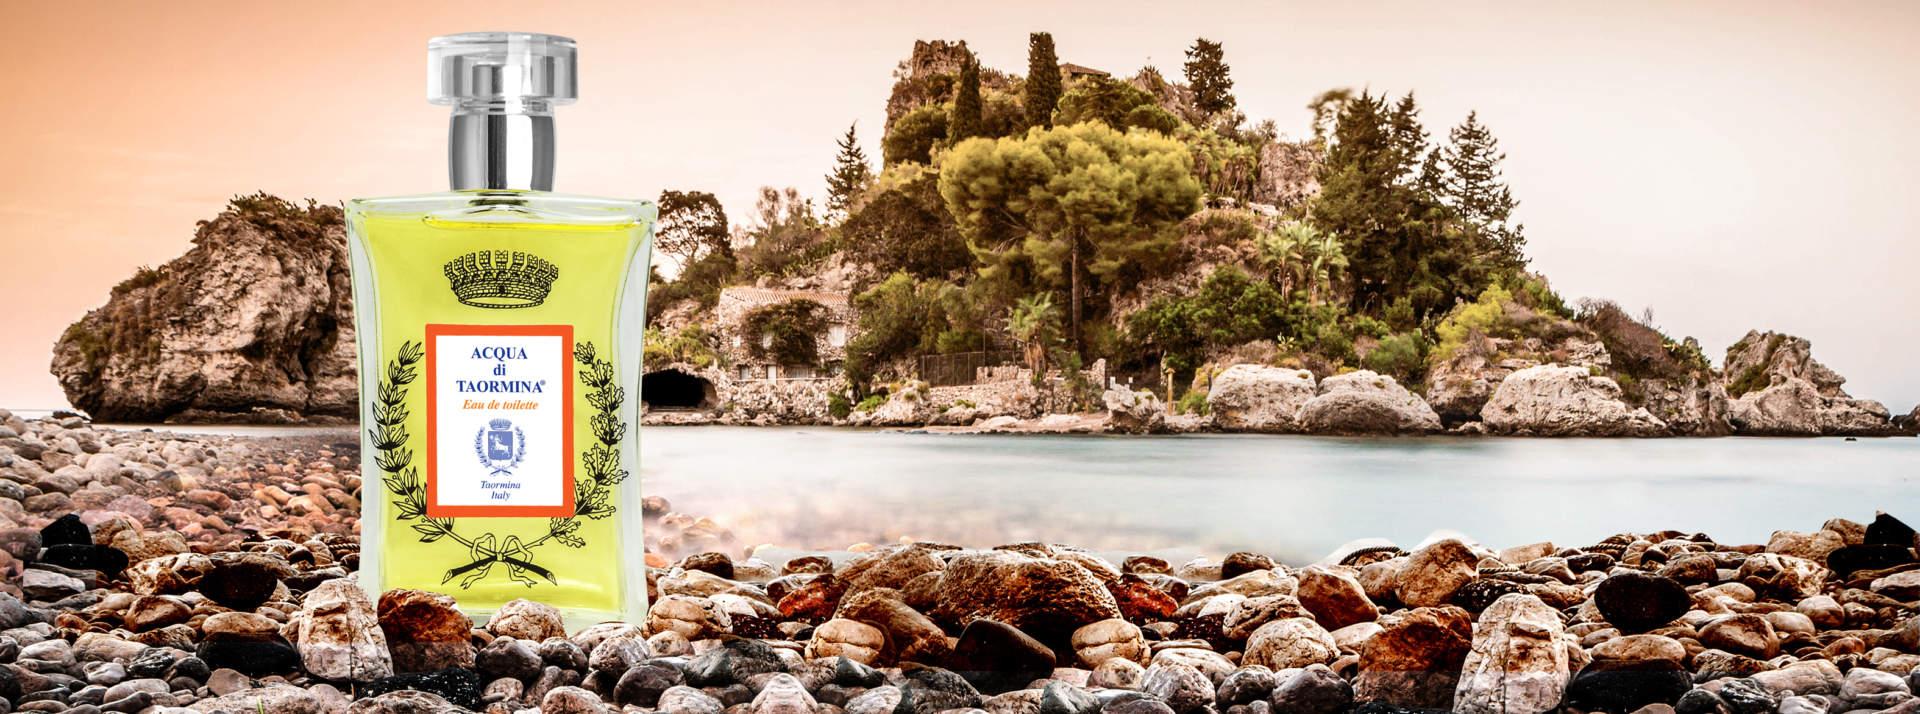 Acqua di Taormina parfums adt_slide1 Acqua di Taormina